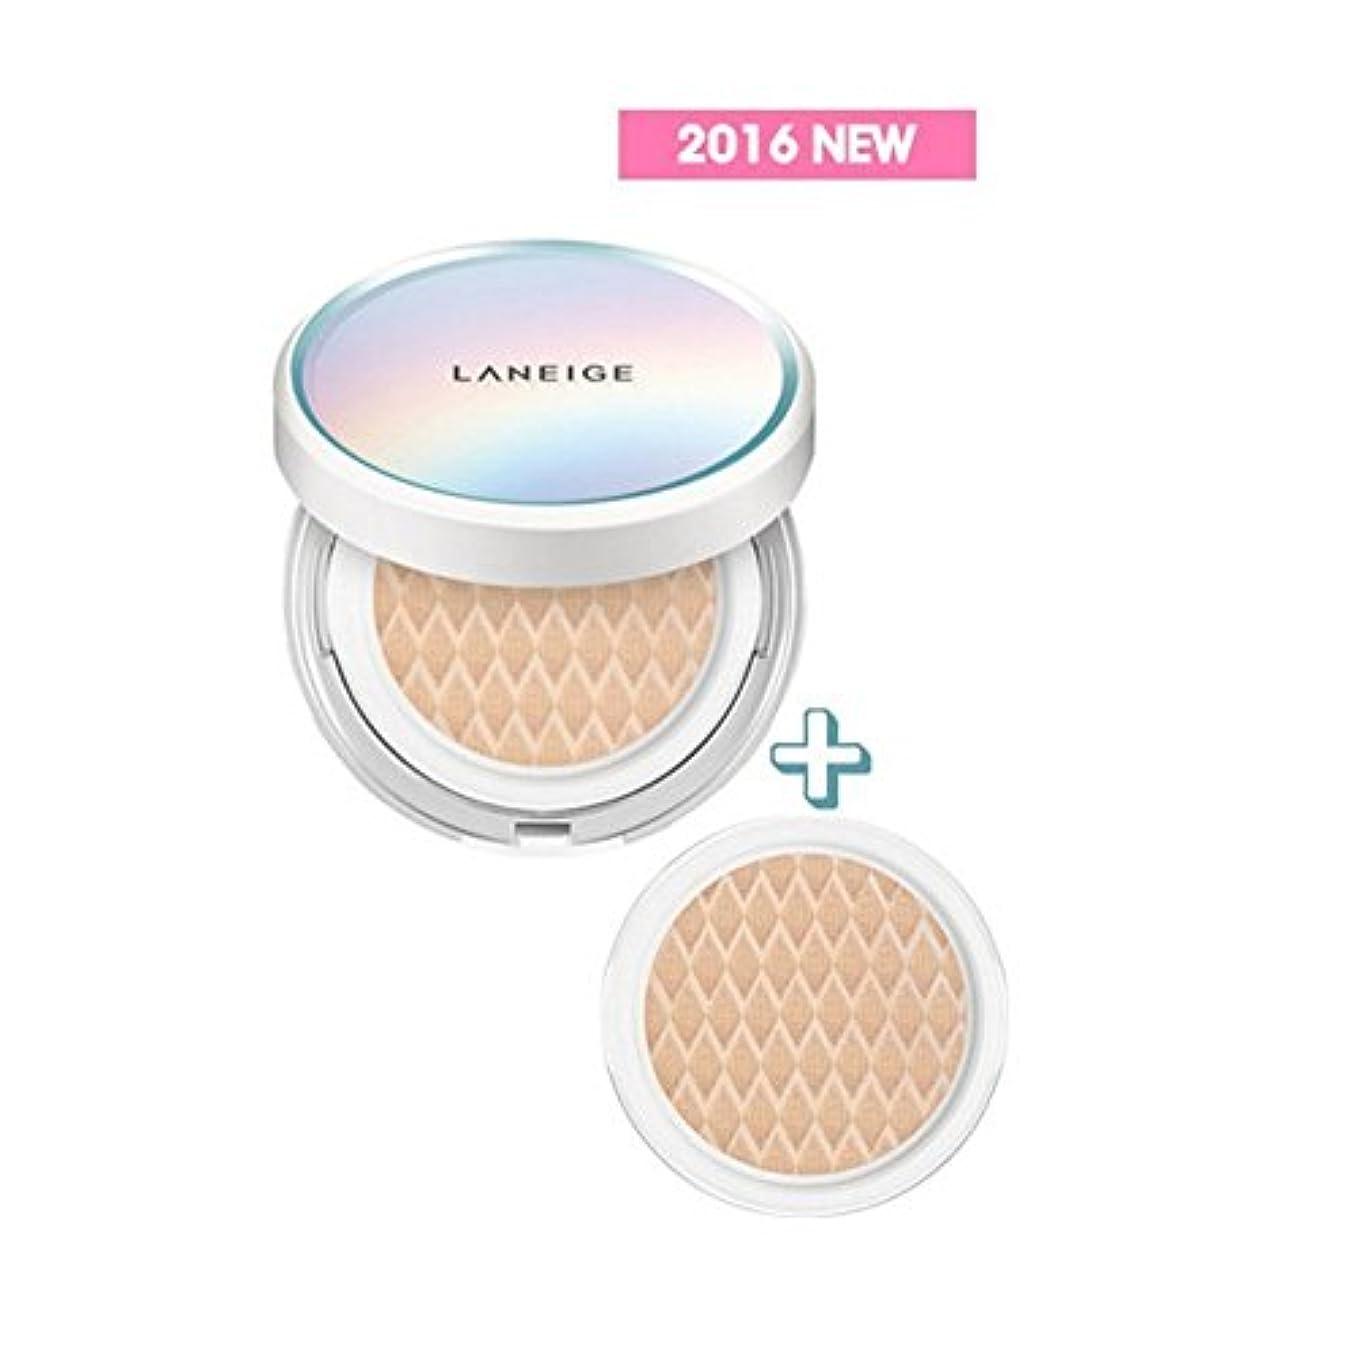 LANEIGE BB Cushion [Pore Control] 15g + Refill 15g/ラネージュ BBクッション [ポアコントロール] 15g + リフィル 15g (#23C Cool Sand) [並行輸入品]